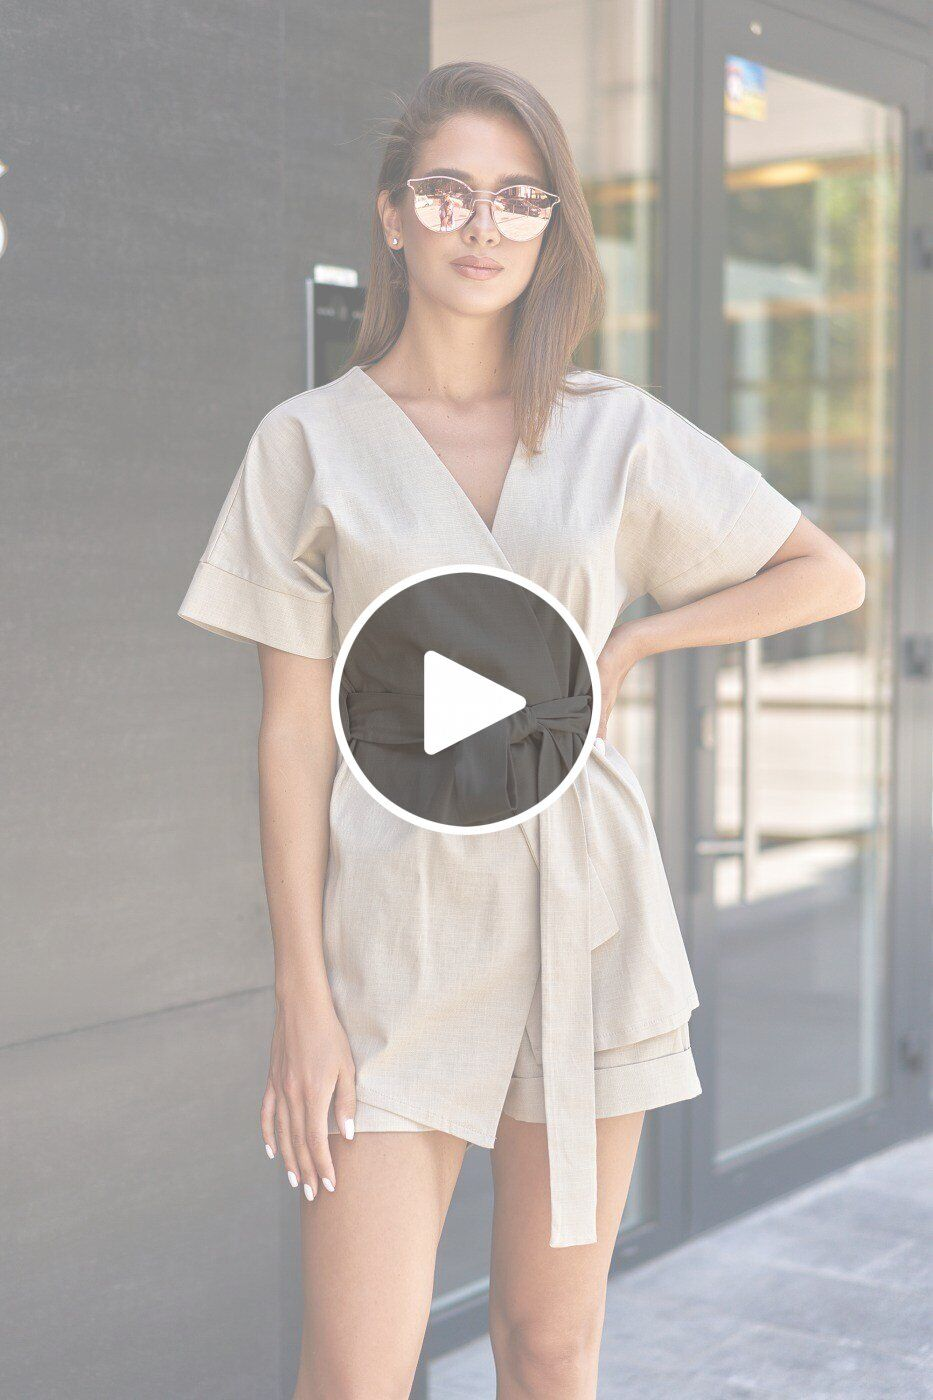 MasModa: Женский костюм Рэн с шортами М20 008 М2 - перейти к видеообзору товара